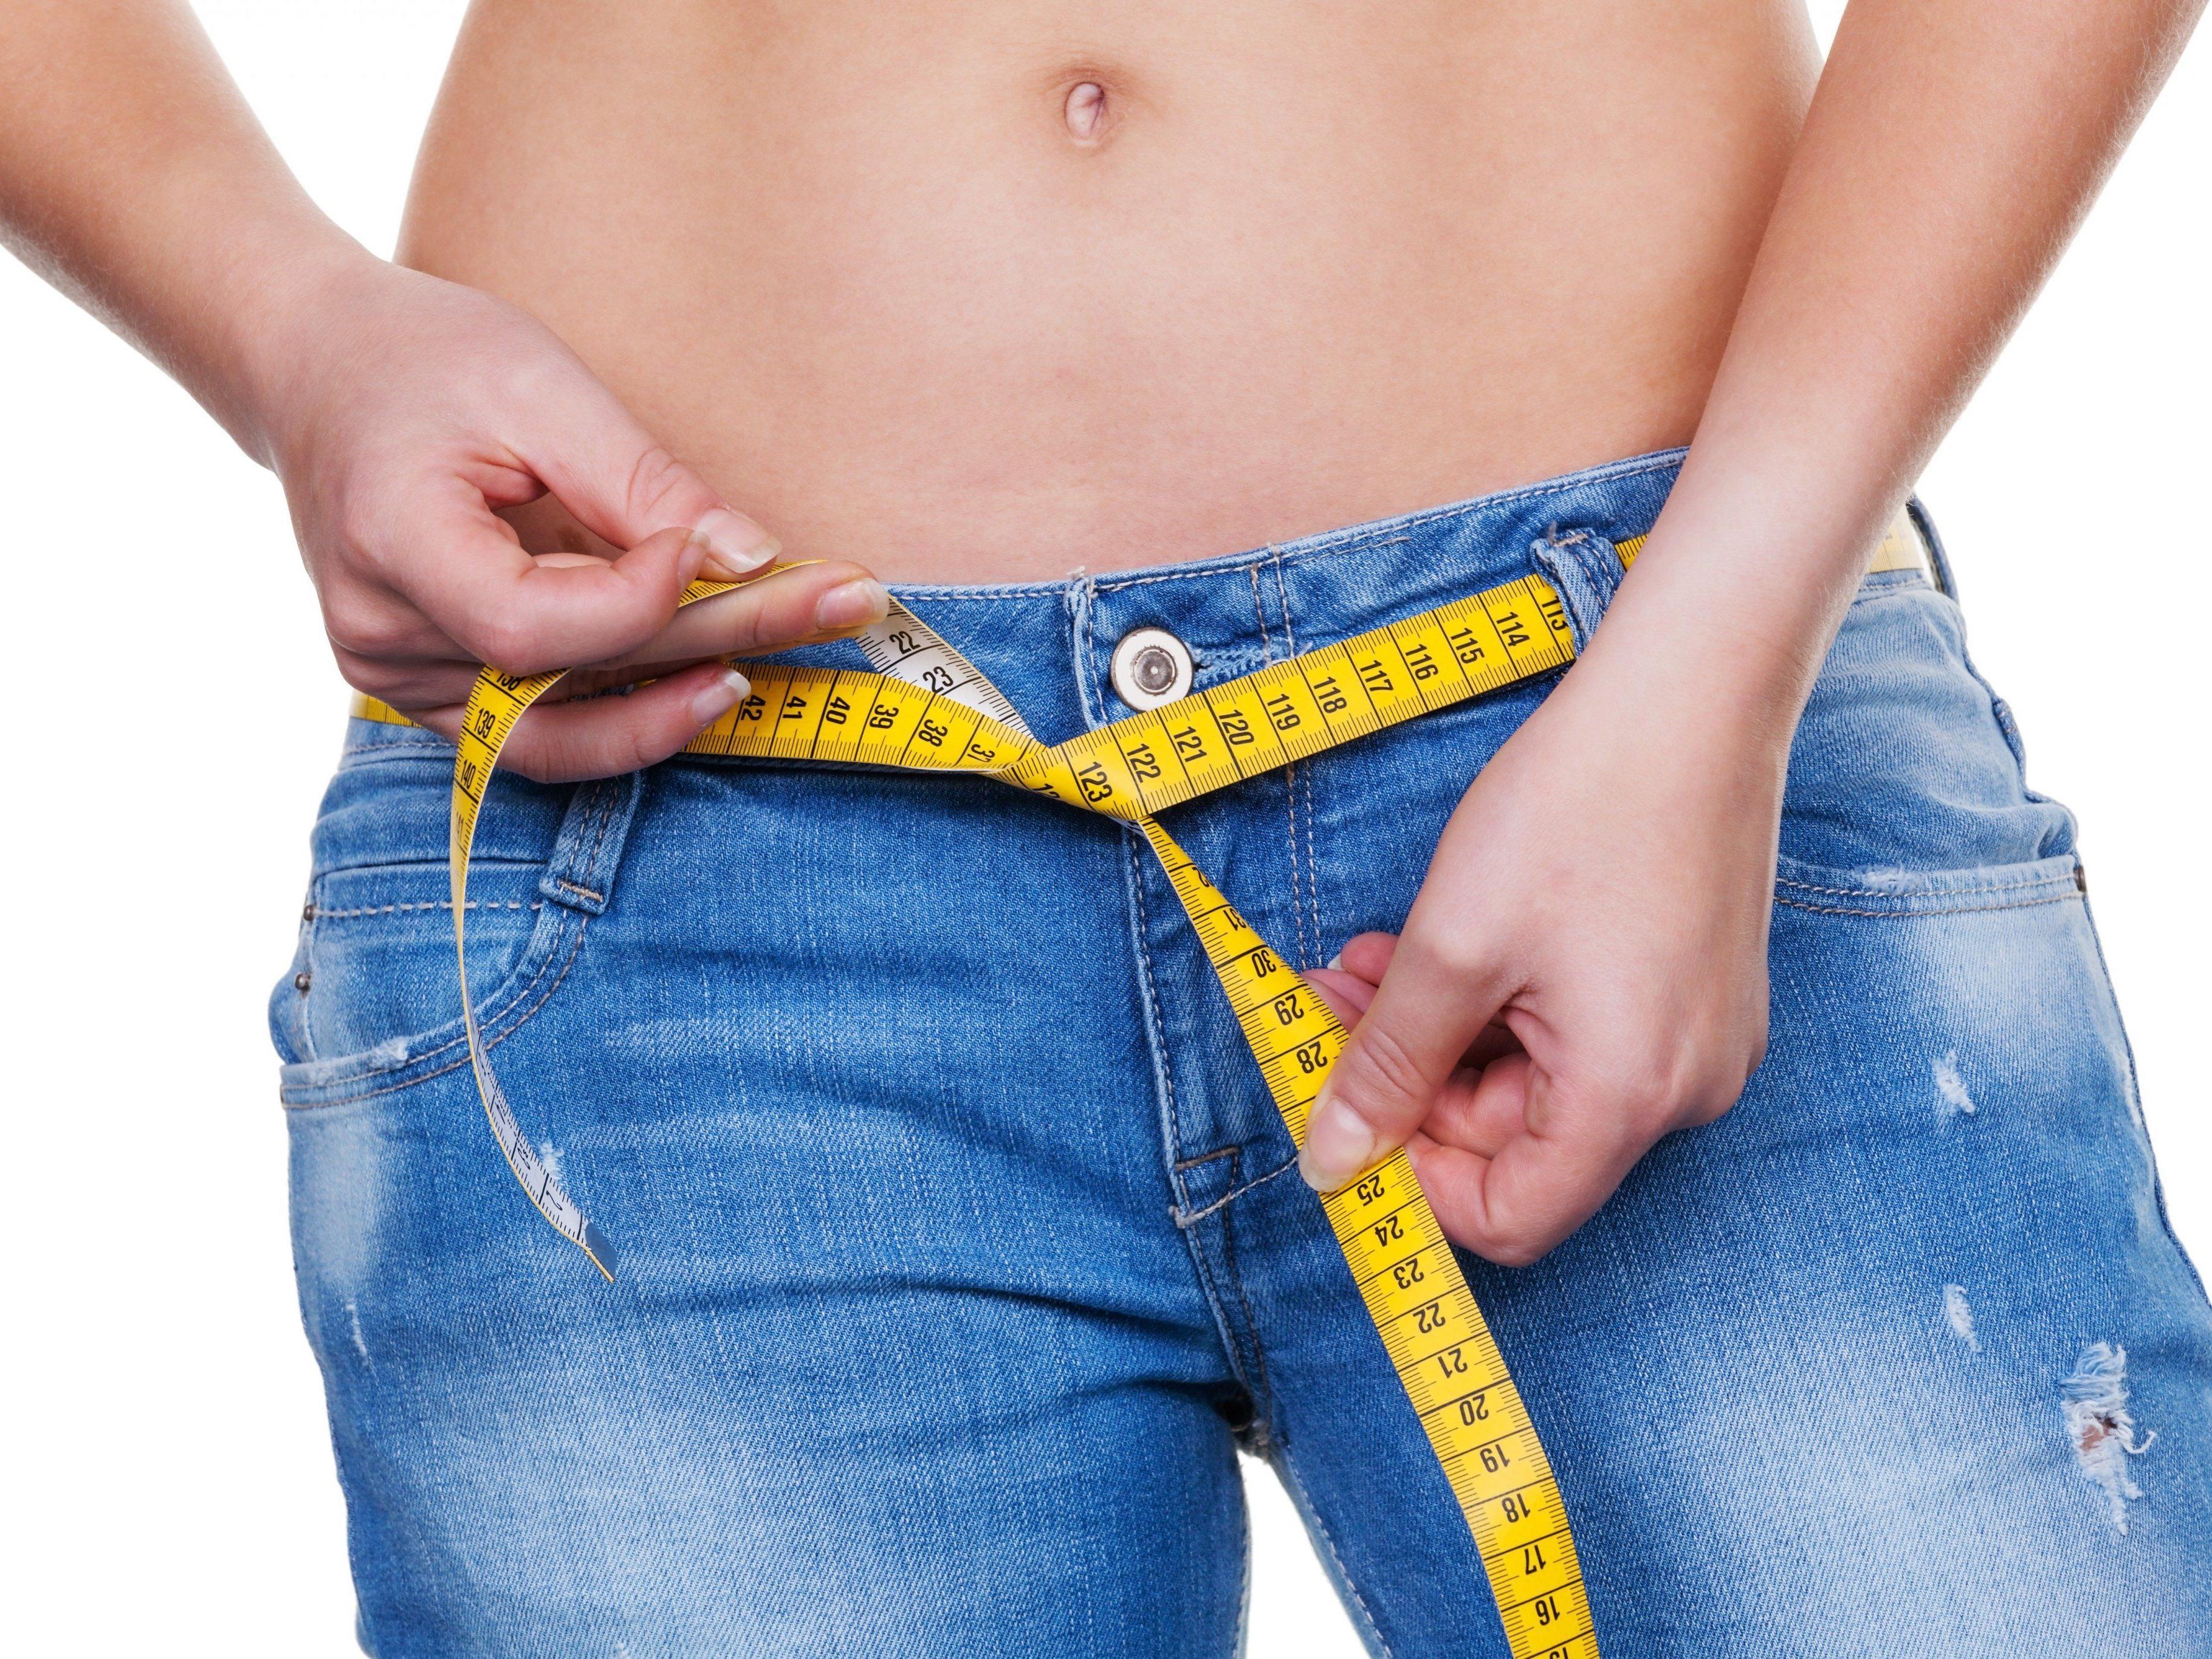 Radikal-Diät vs. langsames Abnehmen: Gewichtszunahme laut Studie in beiden Fällen gleich.